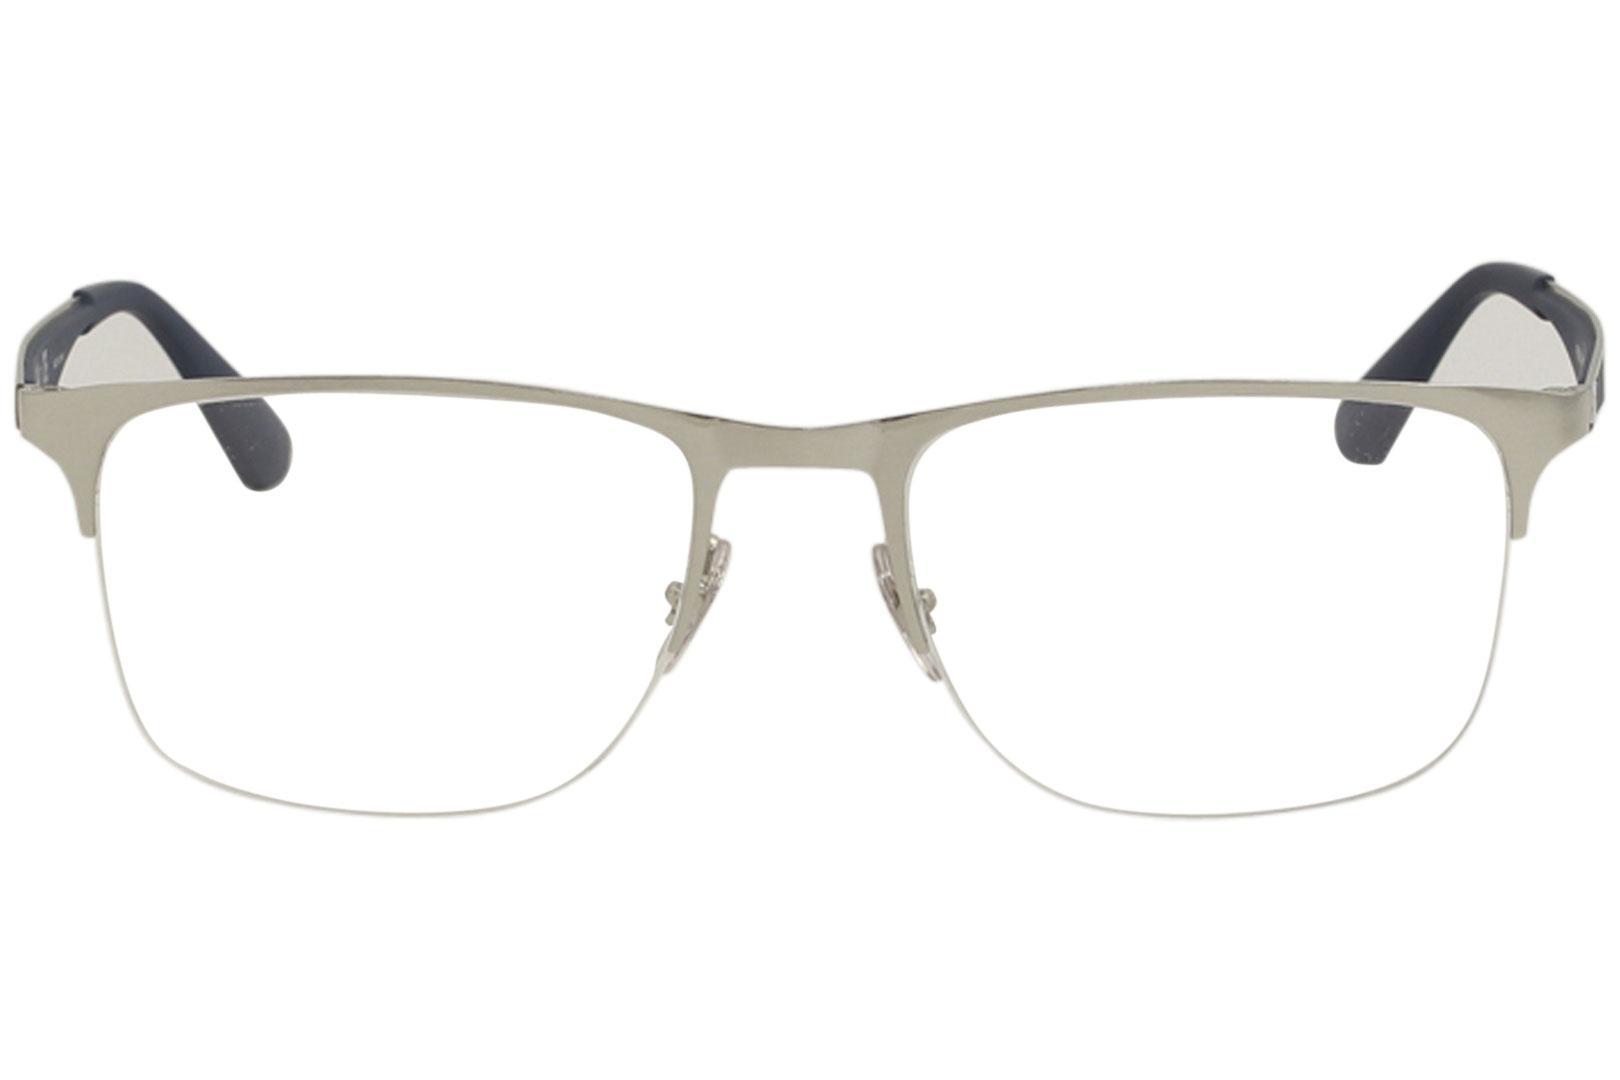 6a9eadf8d0 ... Eyeglasses RX6362 RX 6362 RayBan Half Rim Optical Frame by Ray Ban.  12345